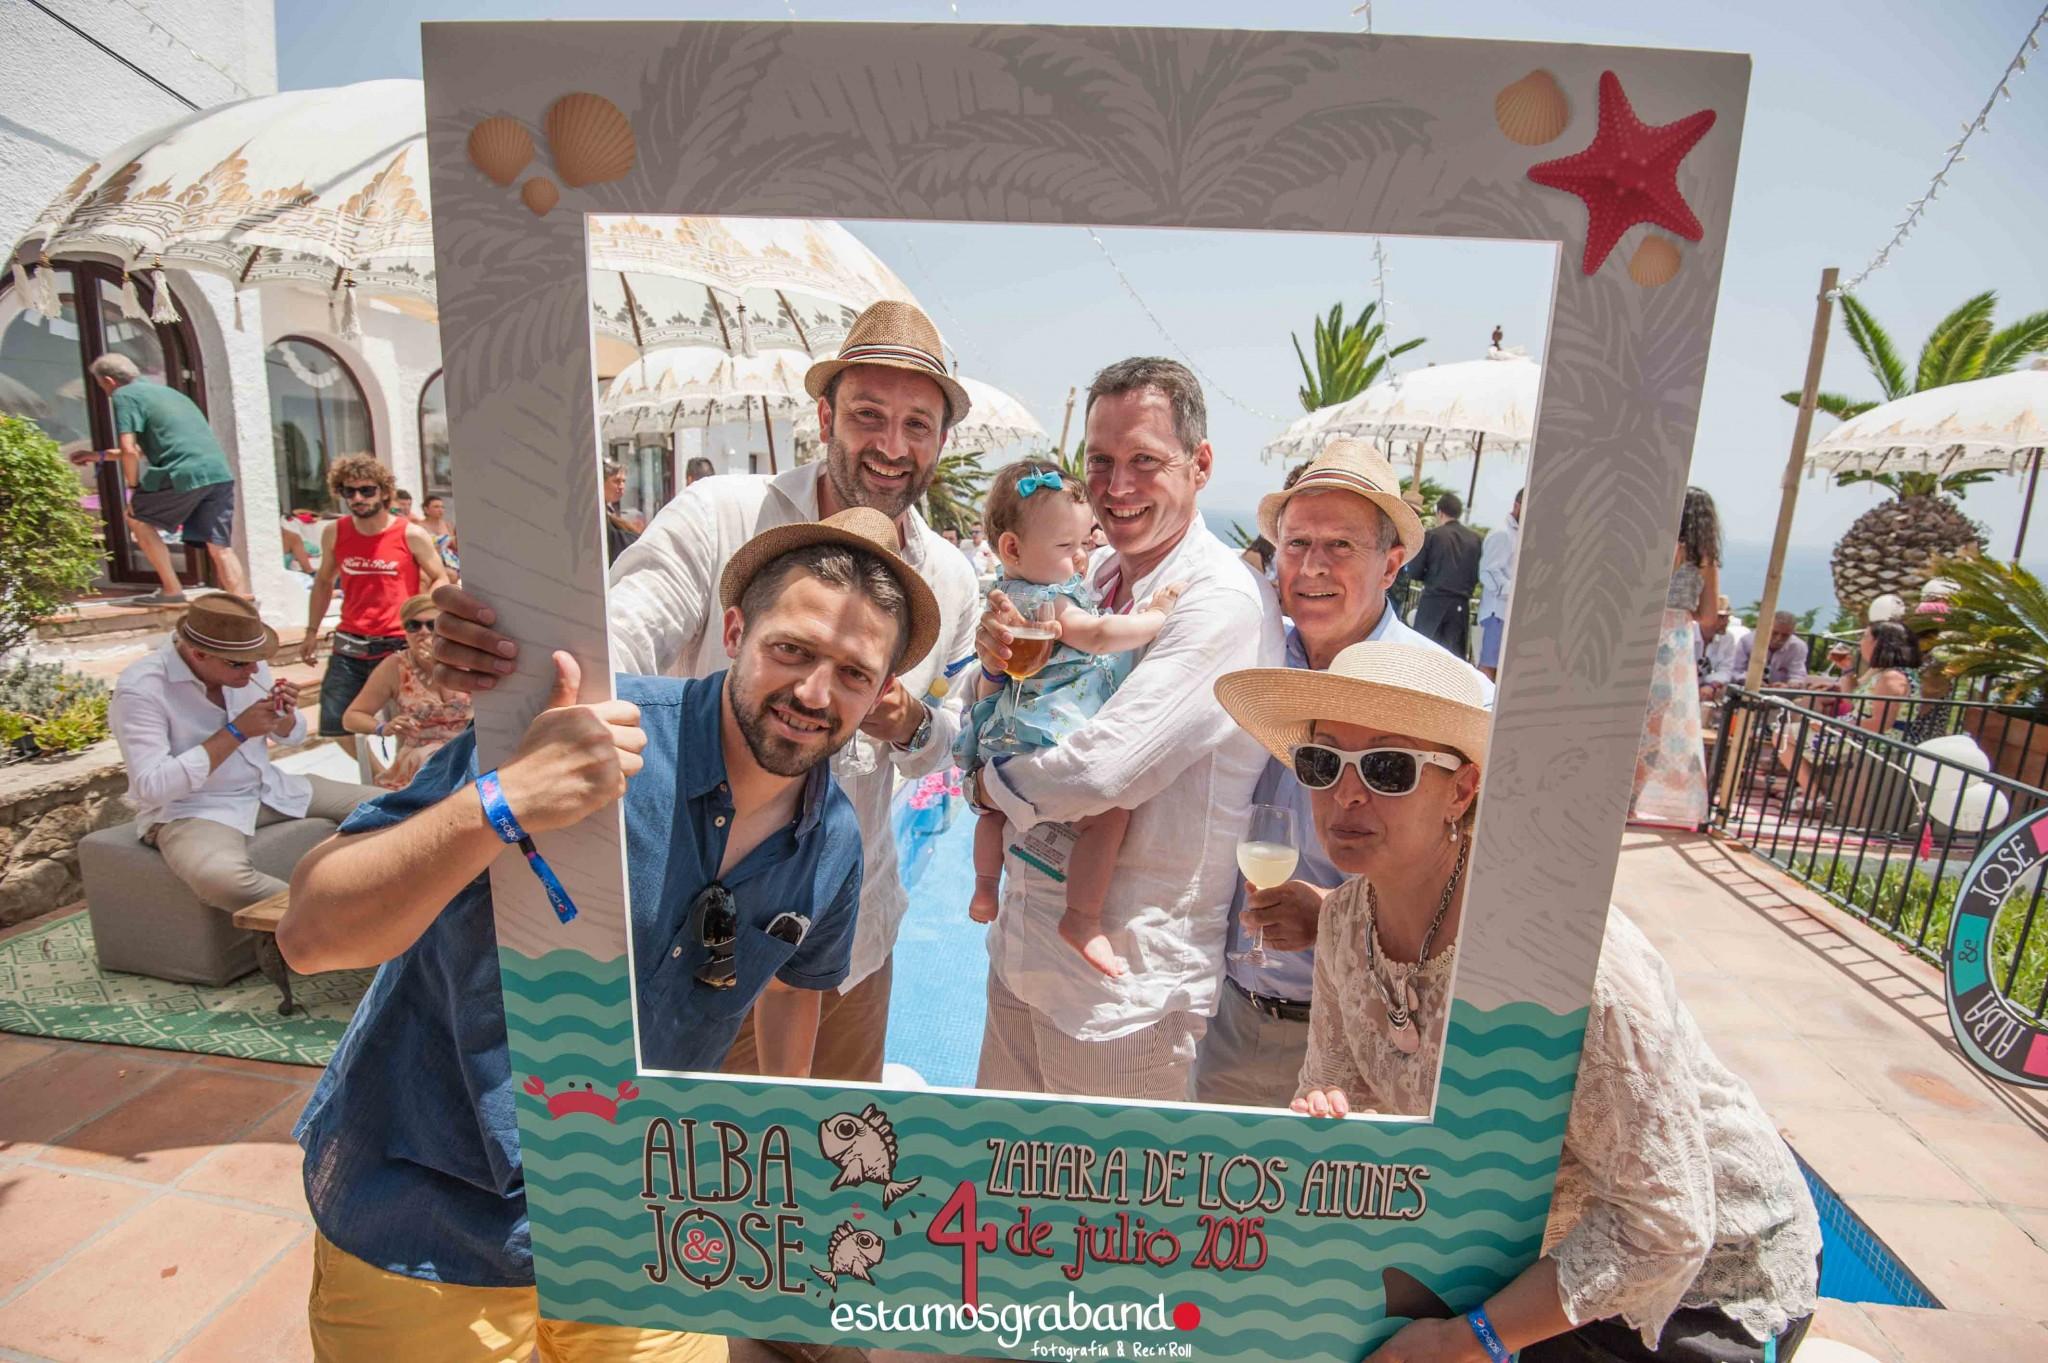 Alba-y-Jose-BTTW-14 Los invitados de Alba & Jose [Back to the wedding_Atlanterra, Zahara de los Atunes] - video boda cadiz